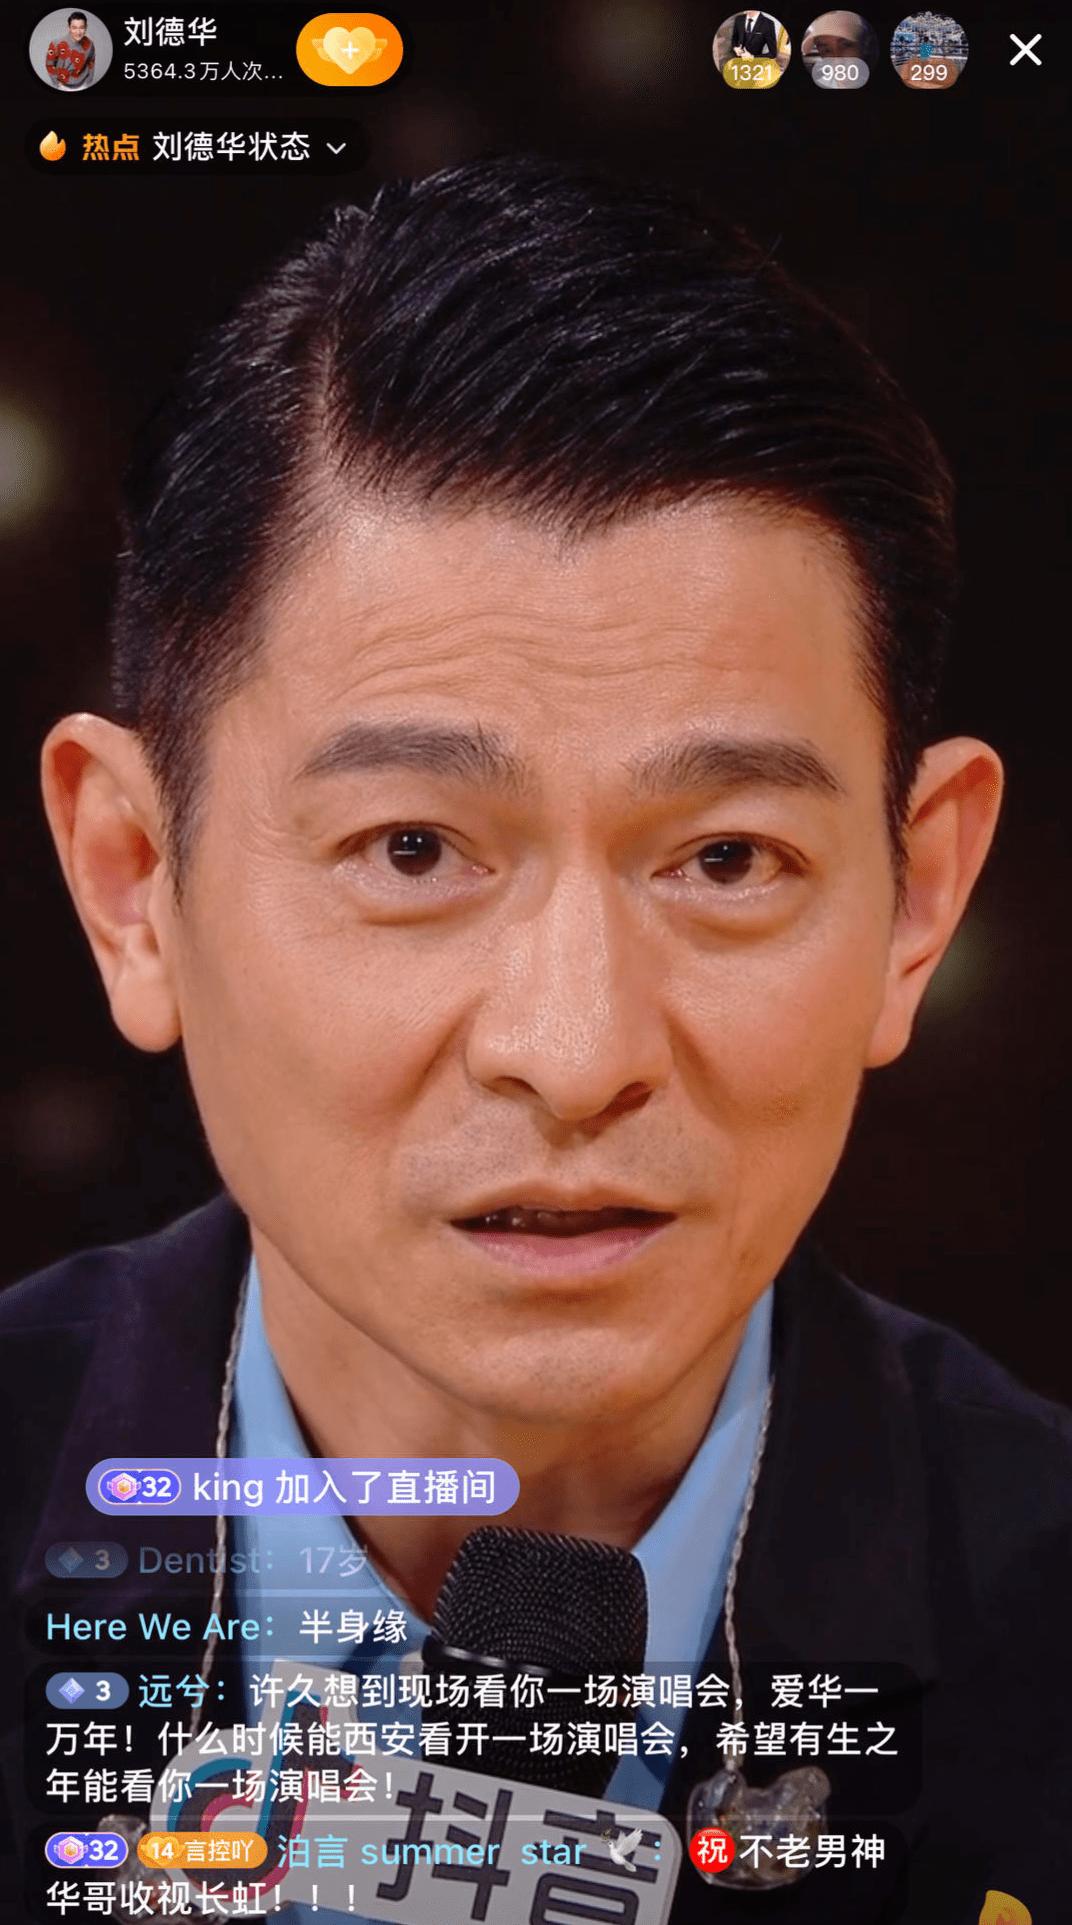 """刘德华出道四十周年直播""""天王""""开课 定义""""偶像"""":应该是榜样"""